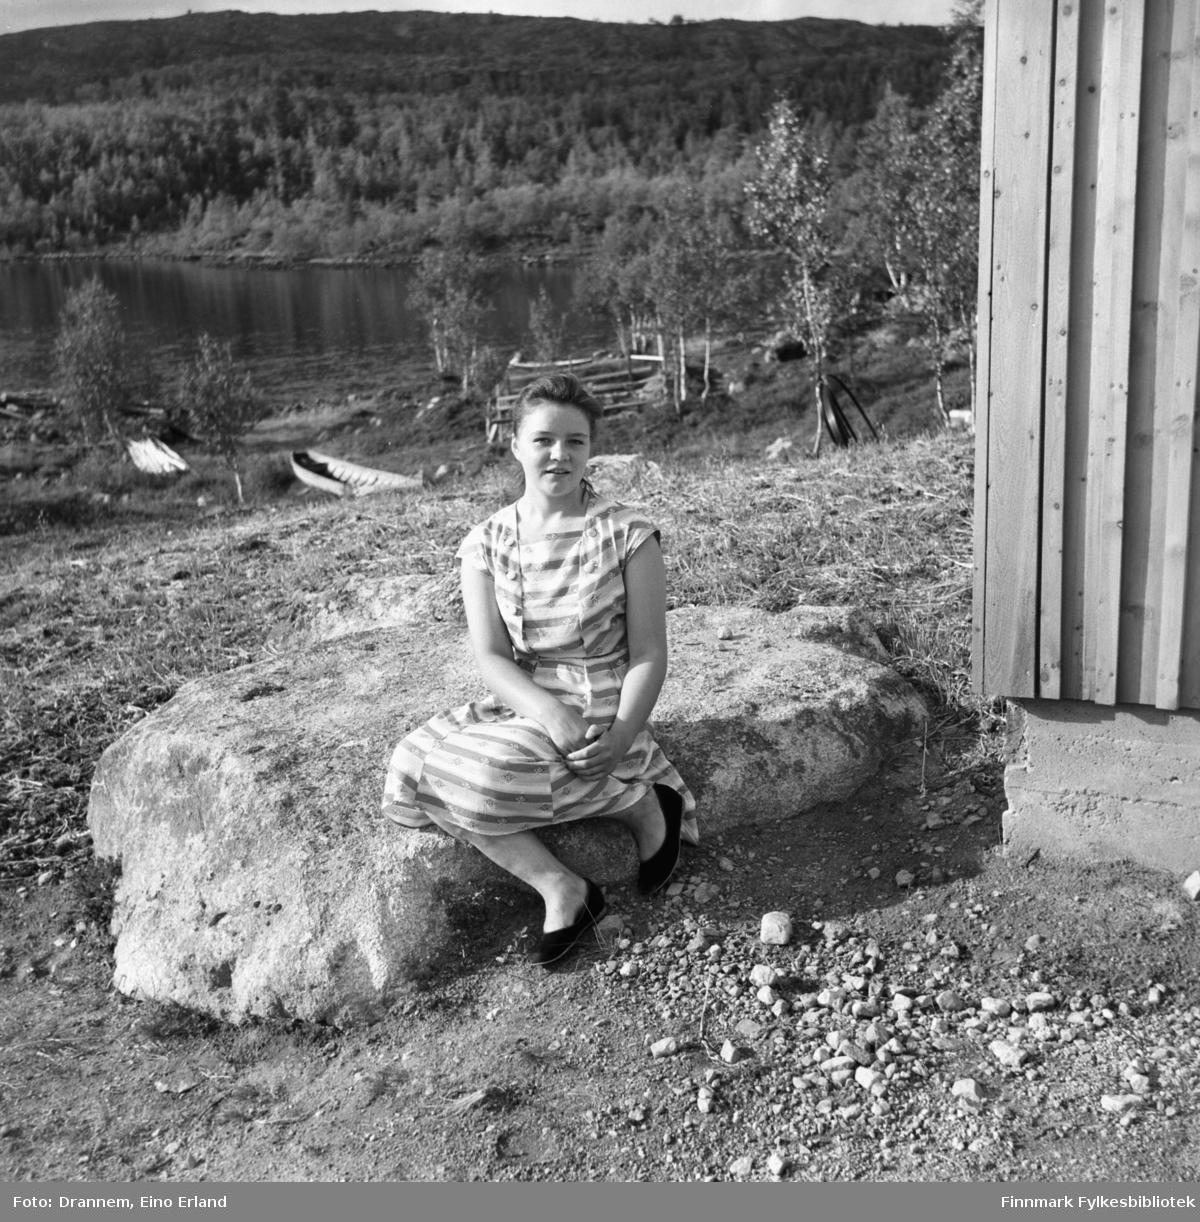 En ung dame sitter på en stor, flat stein iført sommerkjole. Hun heter Maija, ukjent etternavn.